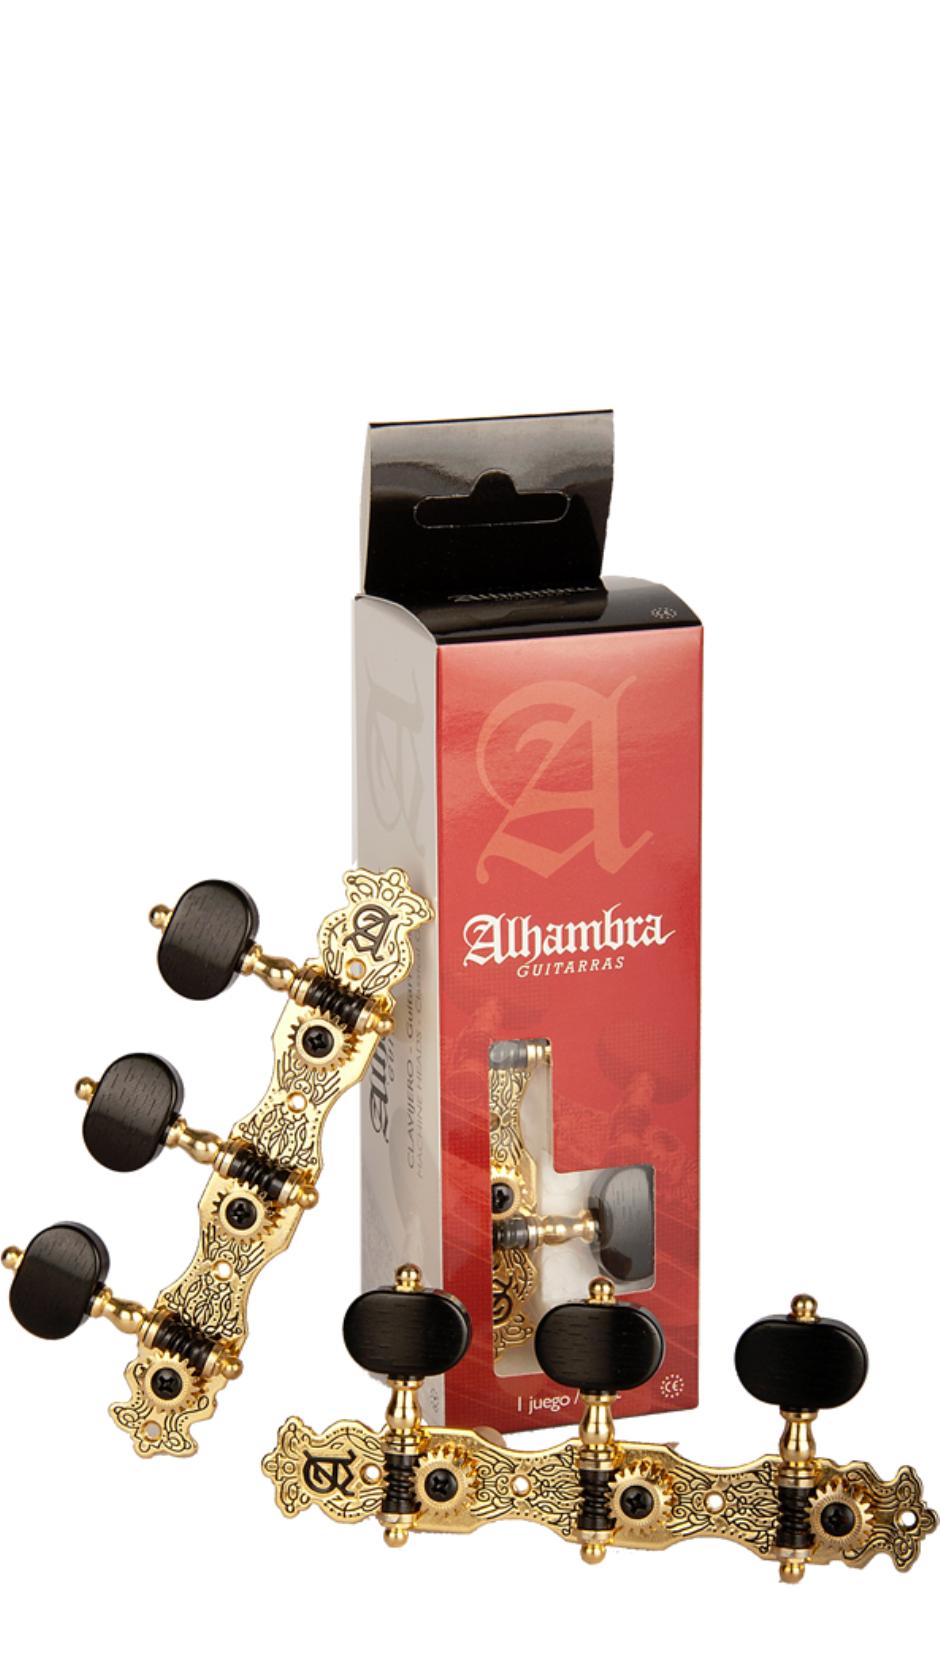 Guitarras Alhambra Zubeh鰎